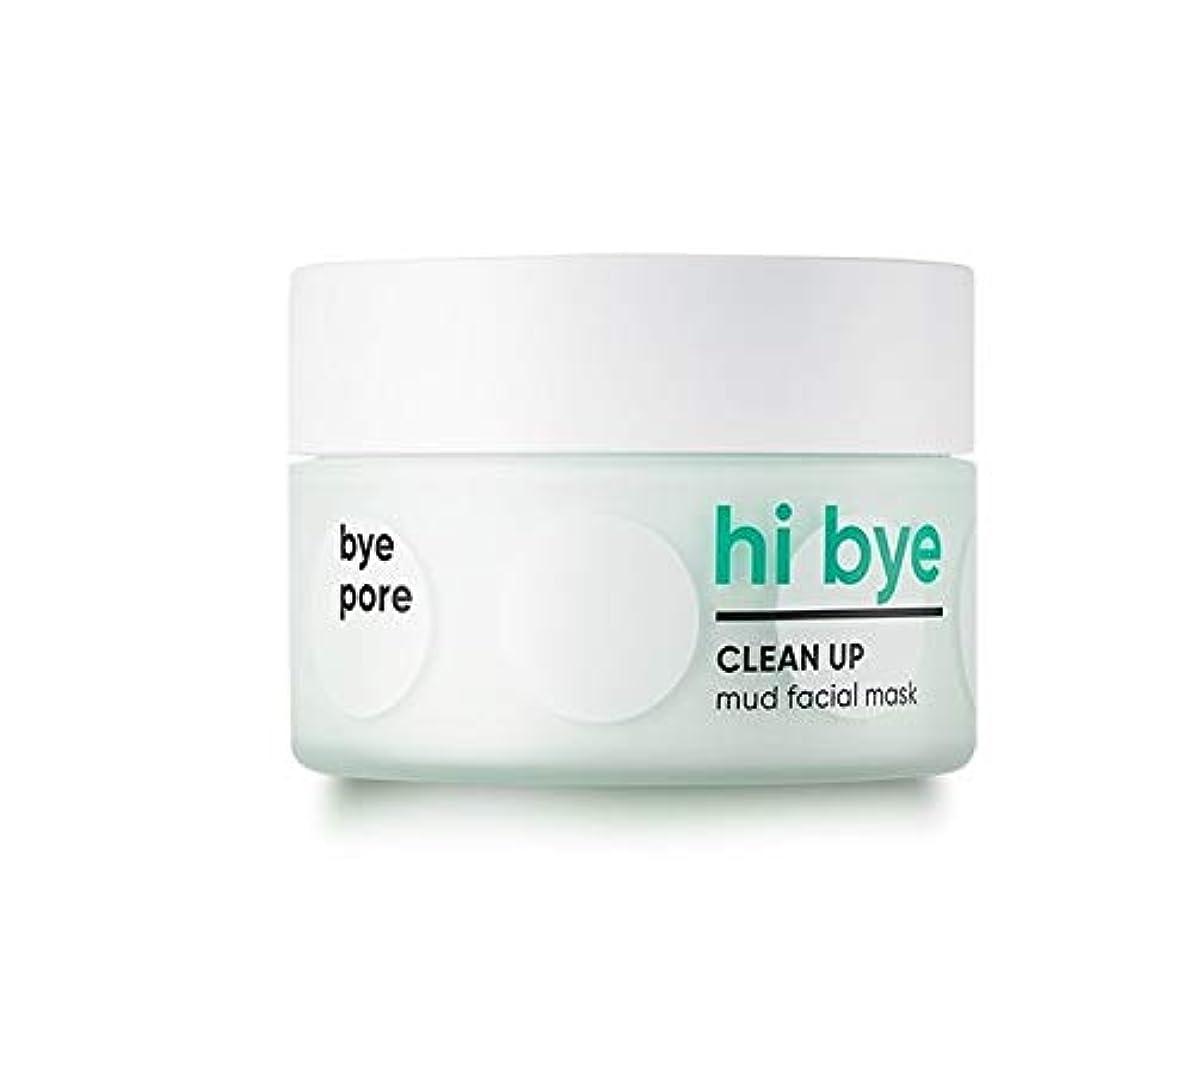 鮫壮大な達成可能banilaco こんにちはバイクリーンアップマッドフェイシャルマスク/Hi Bye Clean Up Mud Facial Mask 100ml [並行輸入品]